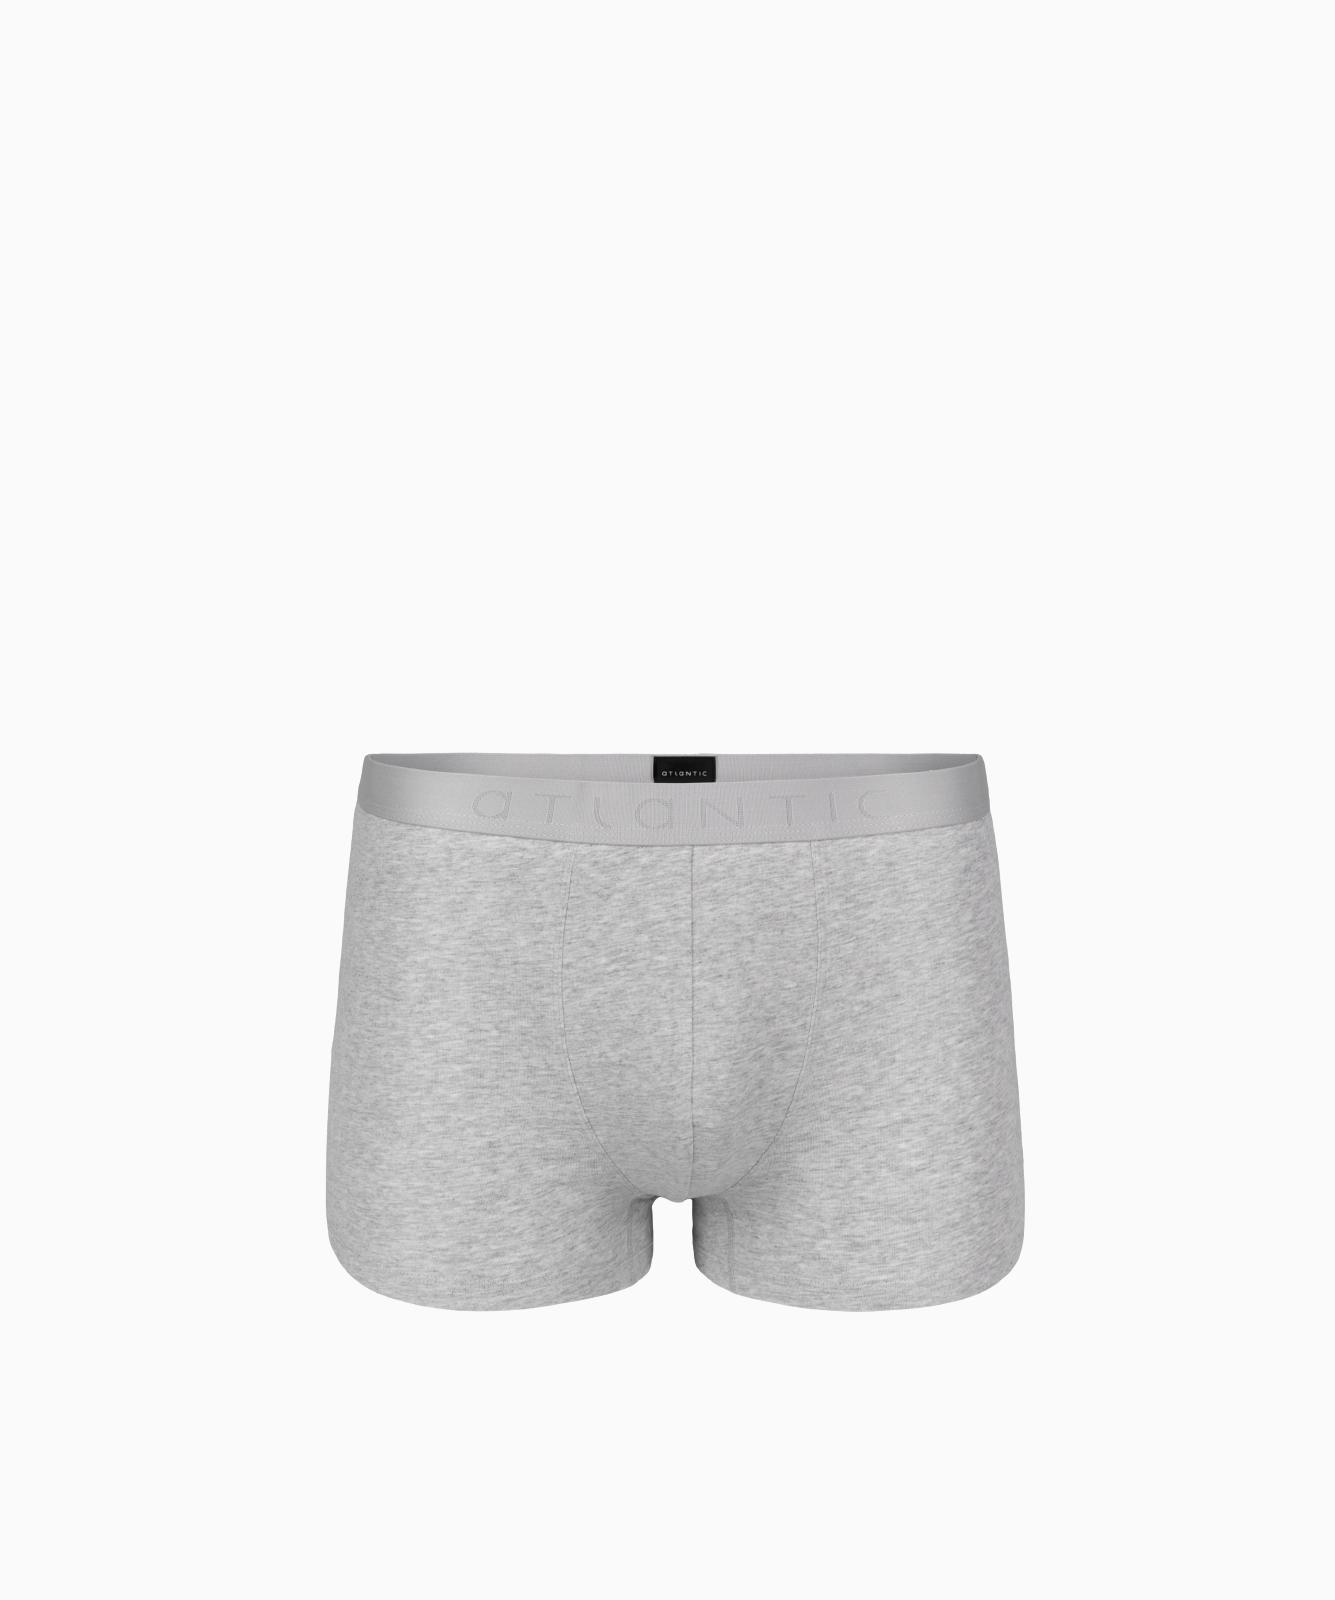 Мужские трусы шорты Atlantic, 1 шт. в уп., хлопок, серый меланж, Basic BMH-018